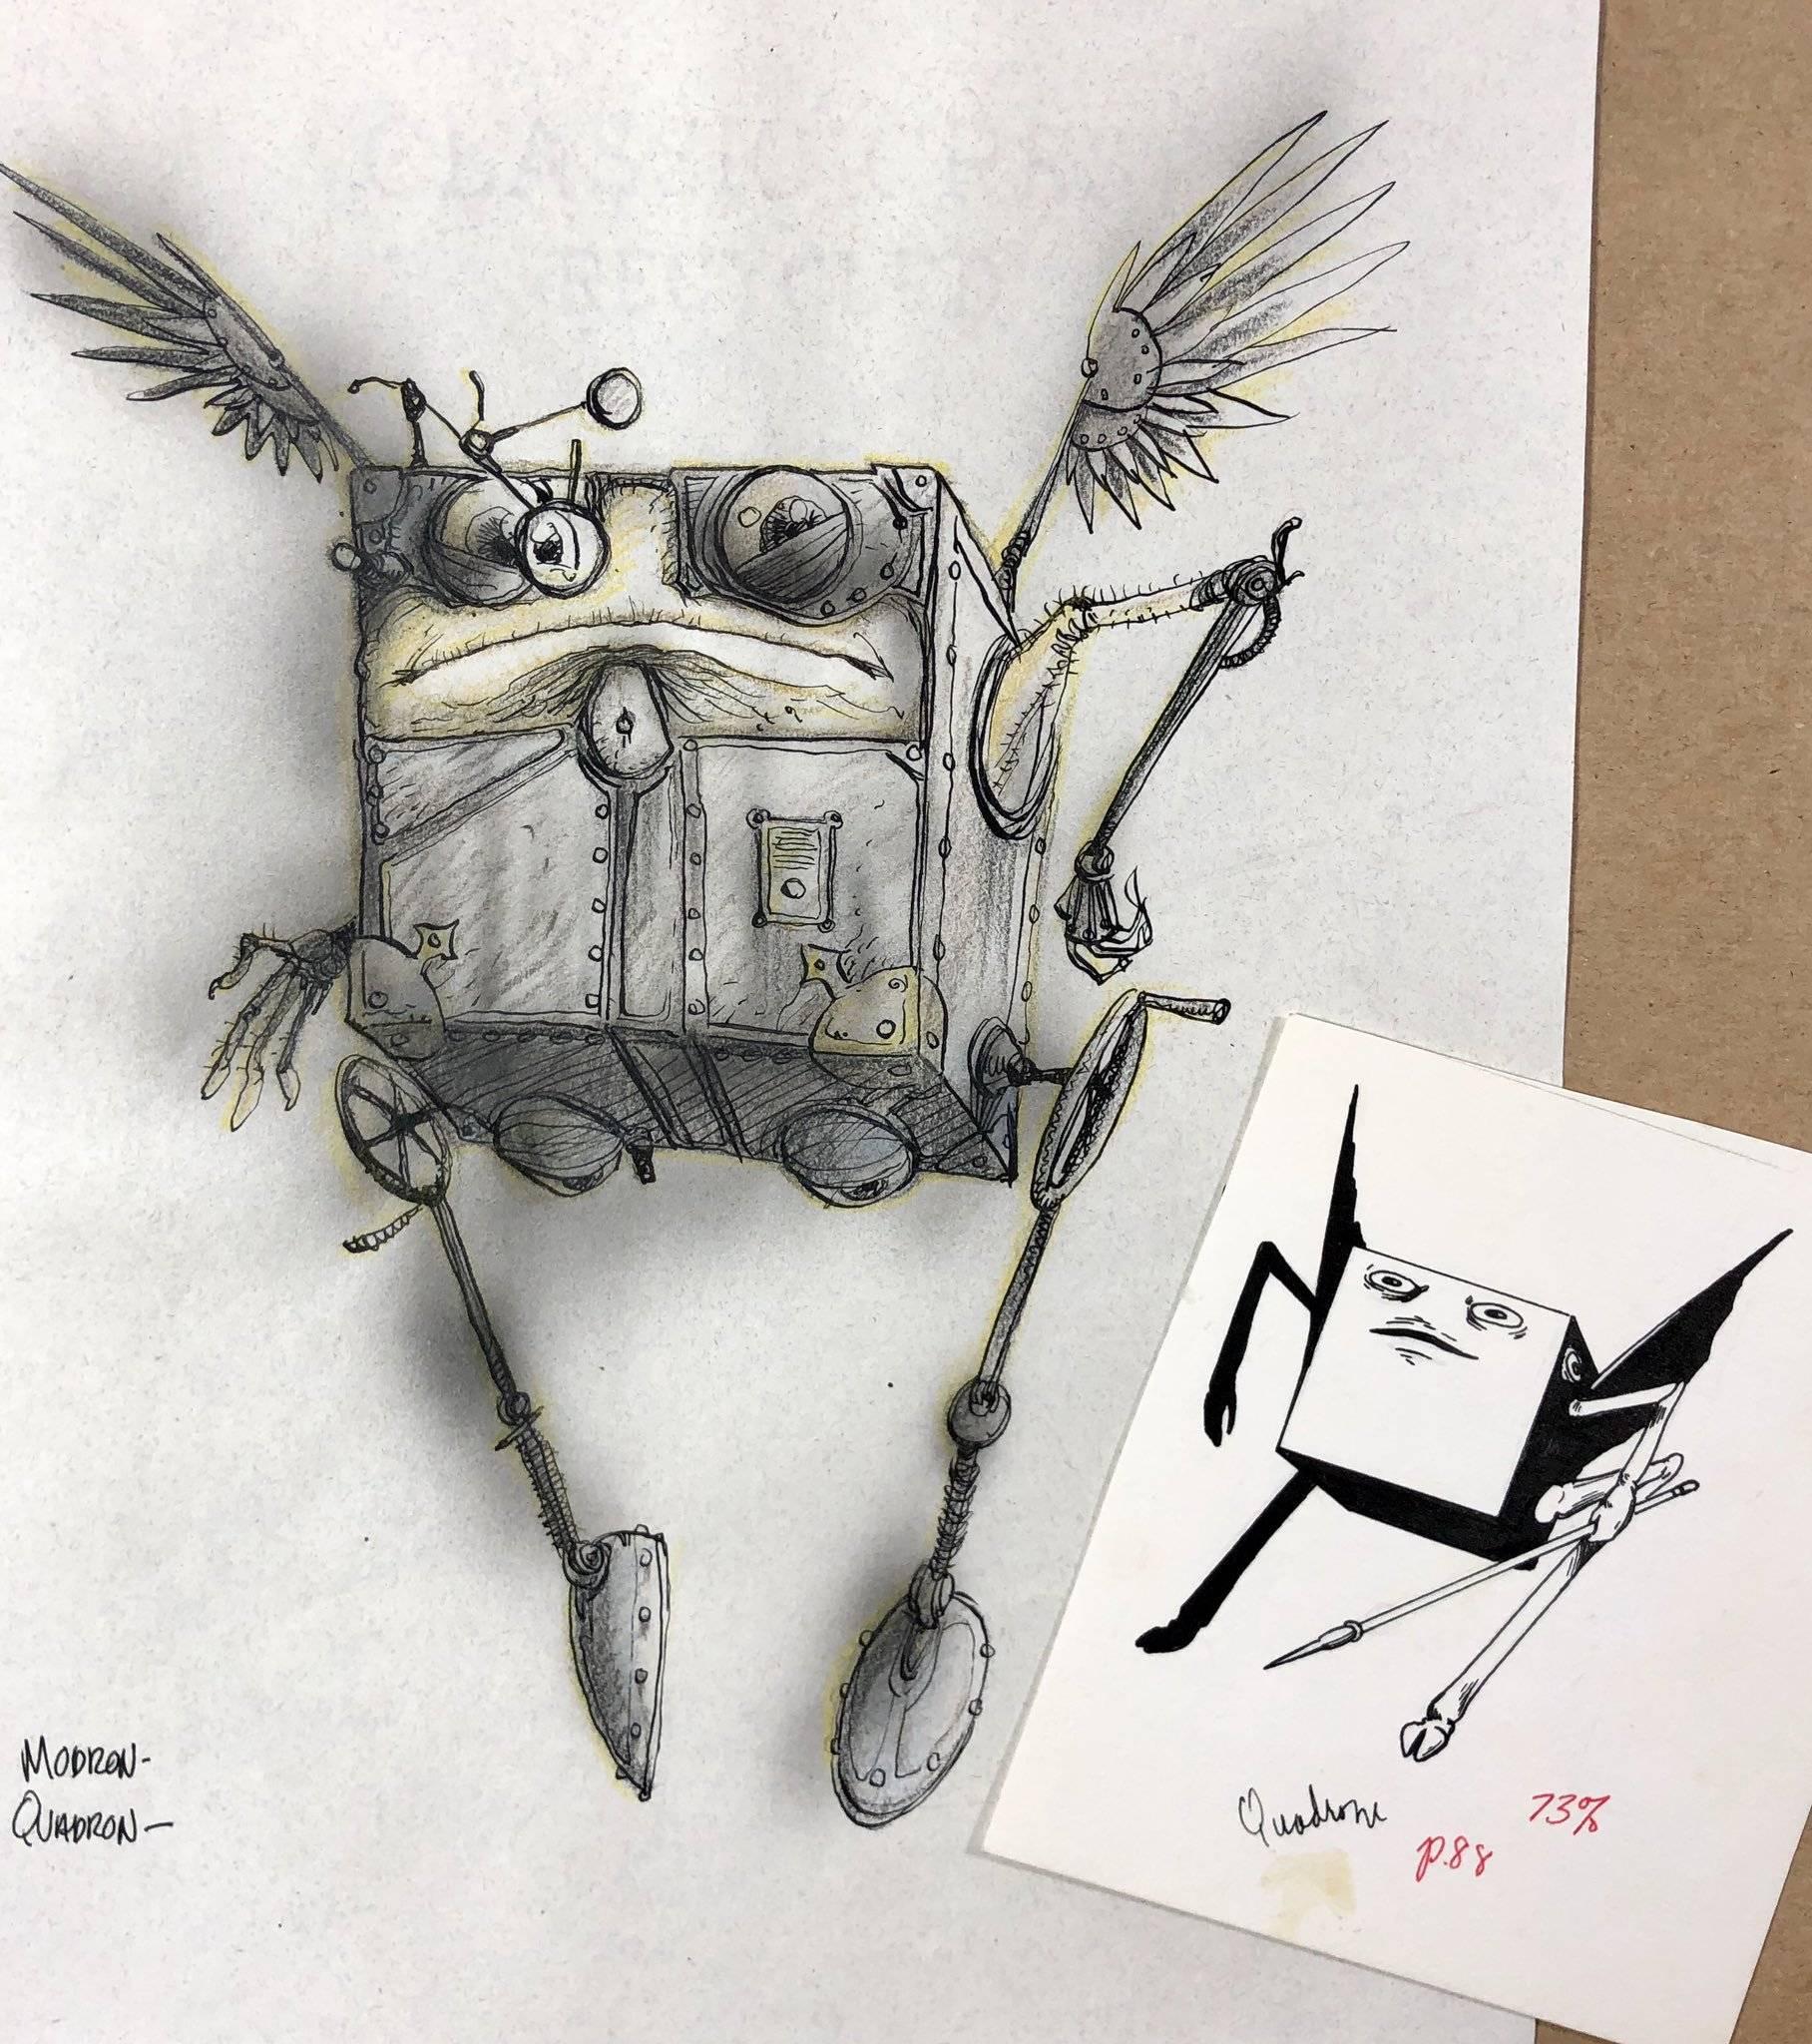 Арт: художник Planescape опубликовал ранние скетчи к 25-летию вселенной 19